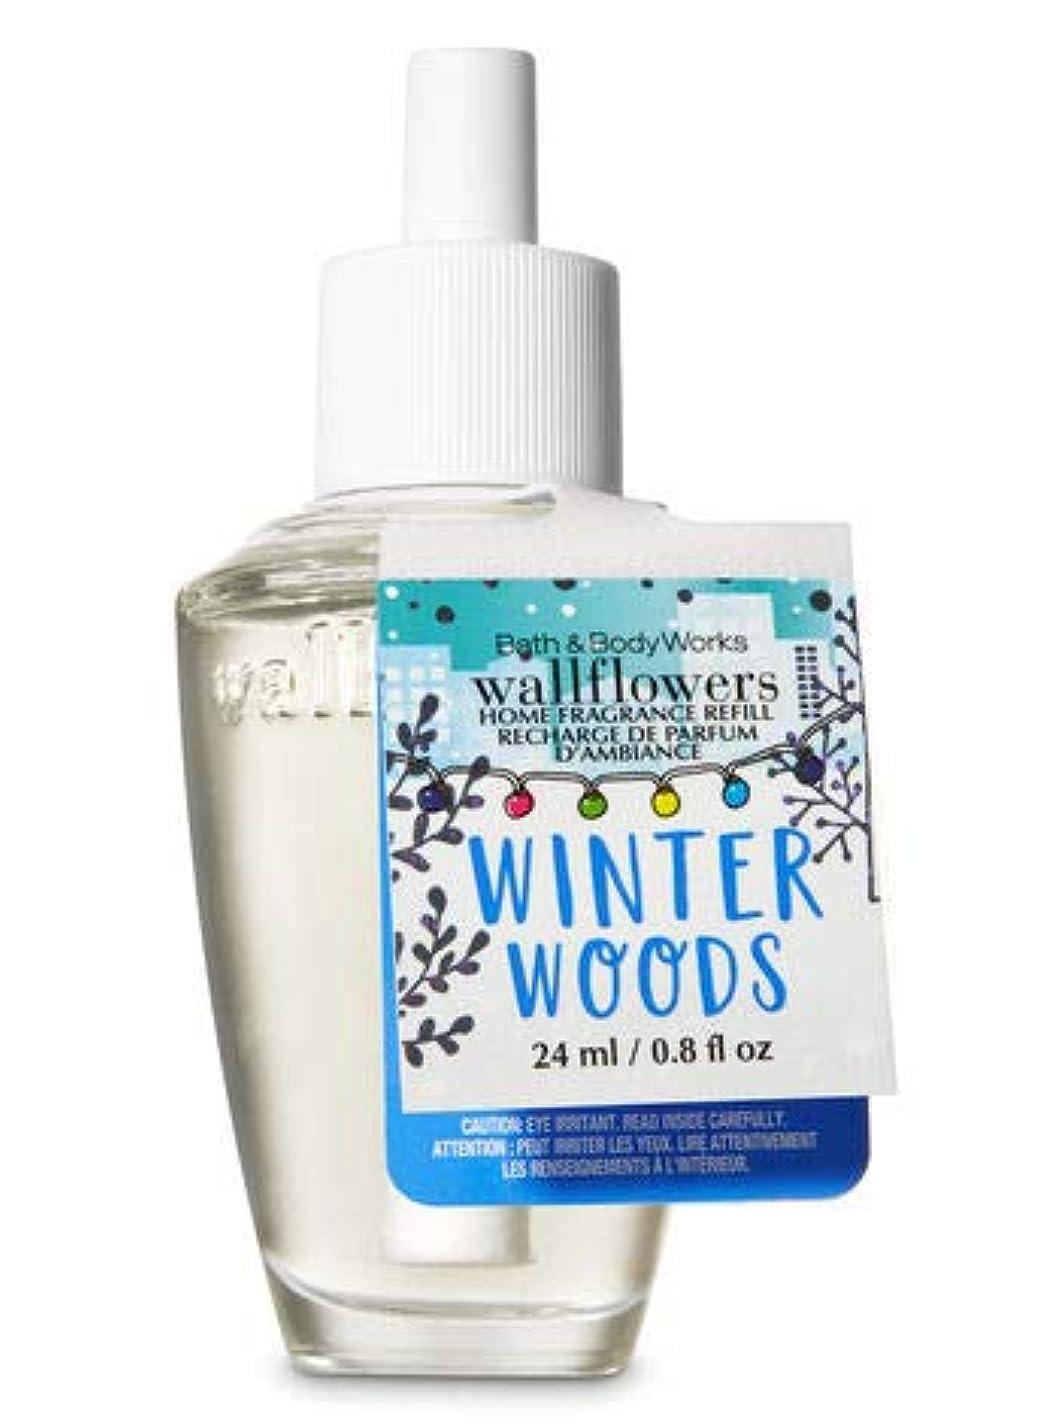 まさに恥ずかしさシート【Bath&Body Works/バス&ボディワークス】 ルームフレグランス 詰替えリフィル ウィンターウッズ Wallflowers Home Fragrance Refill Winter Woods [並行輸入品]